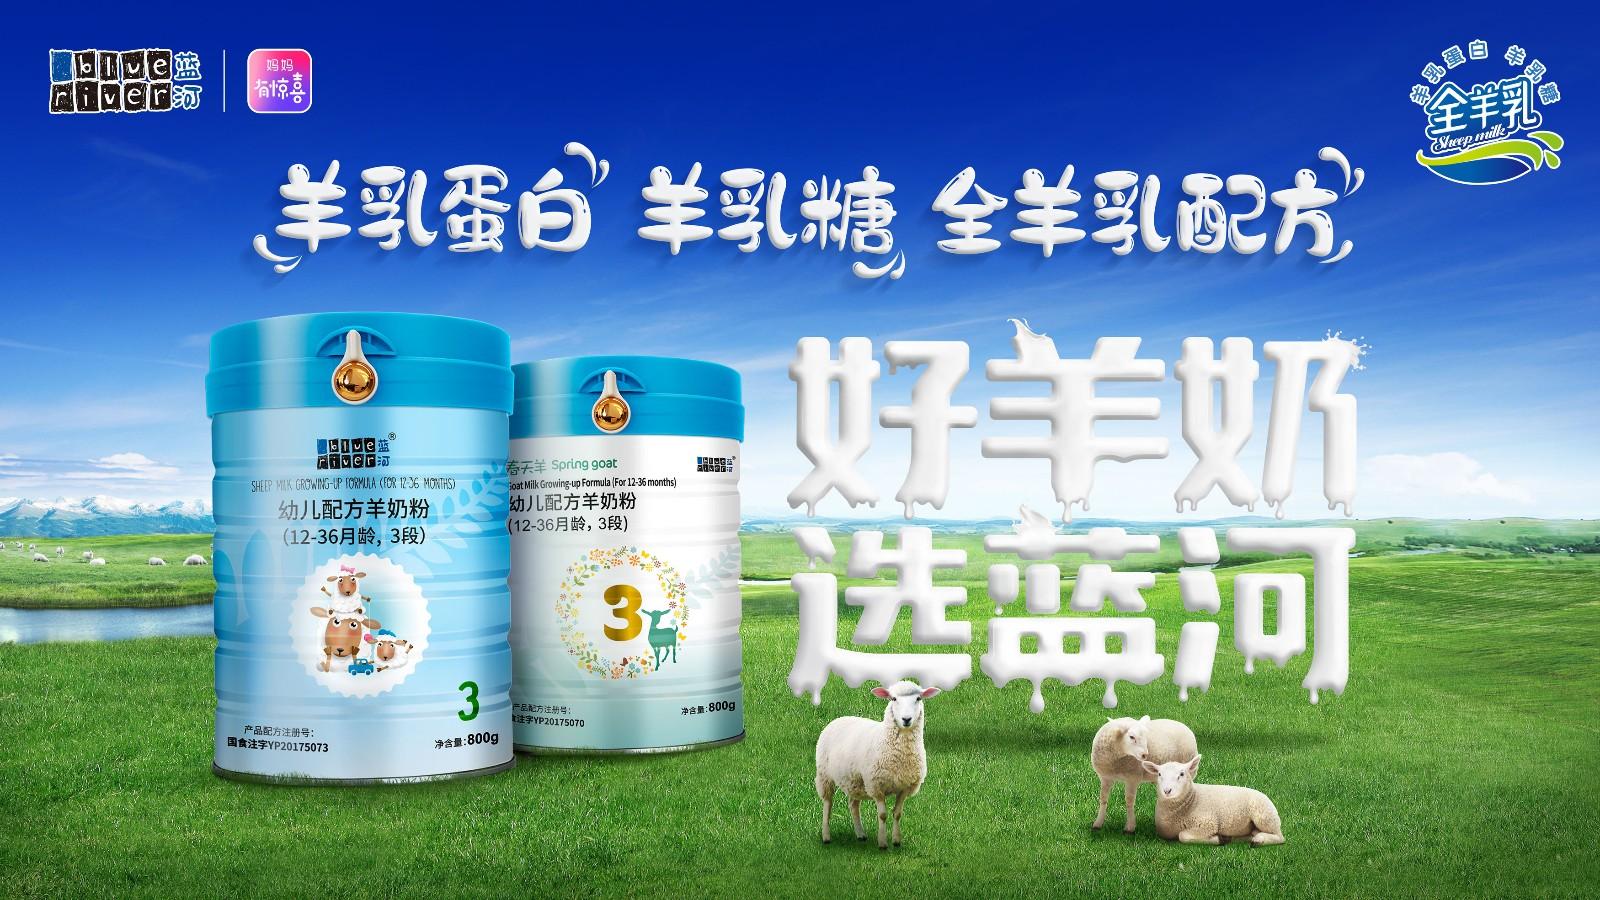 蓝河乳业推出无接触配送服务为消费者送奶到家